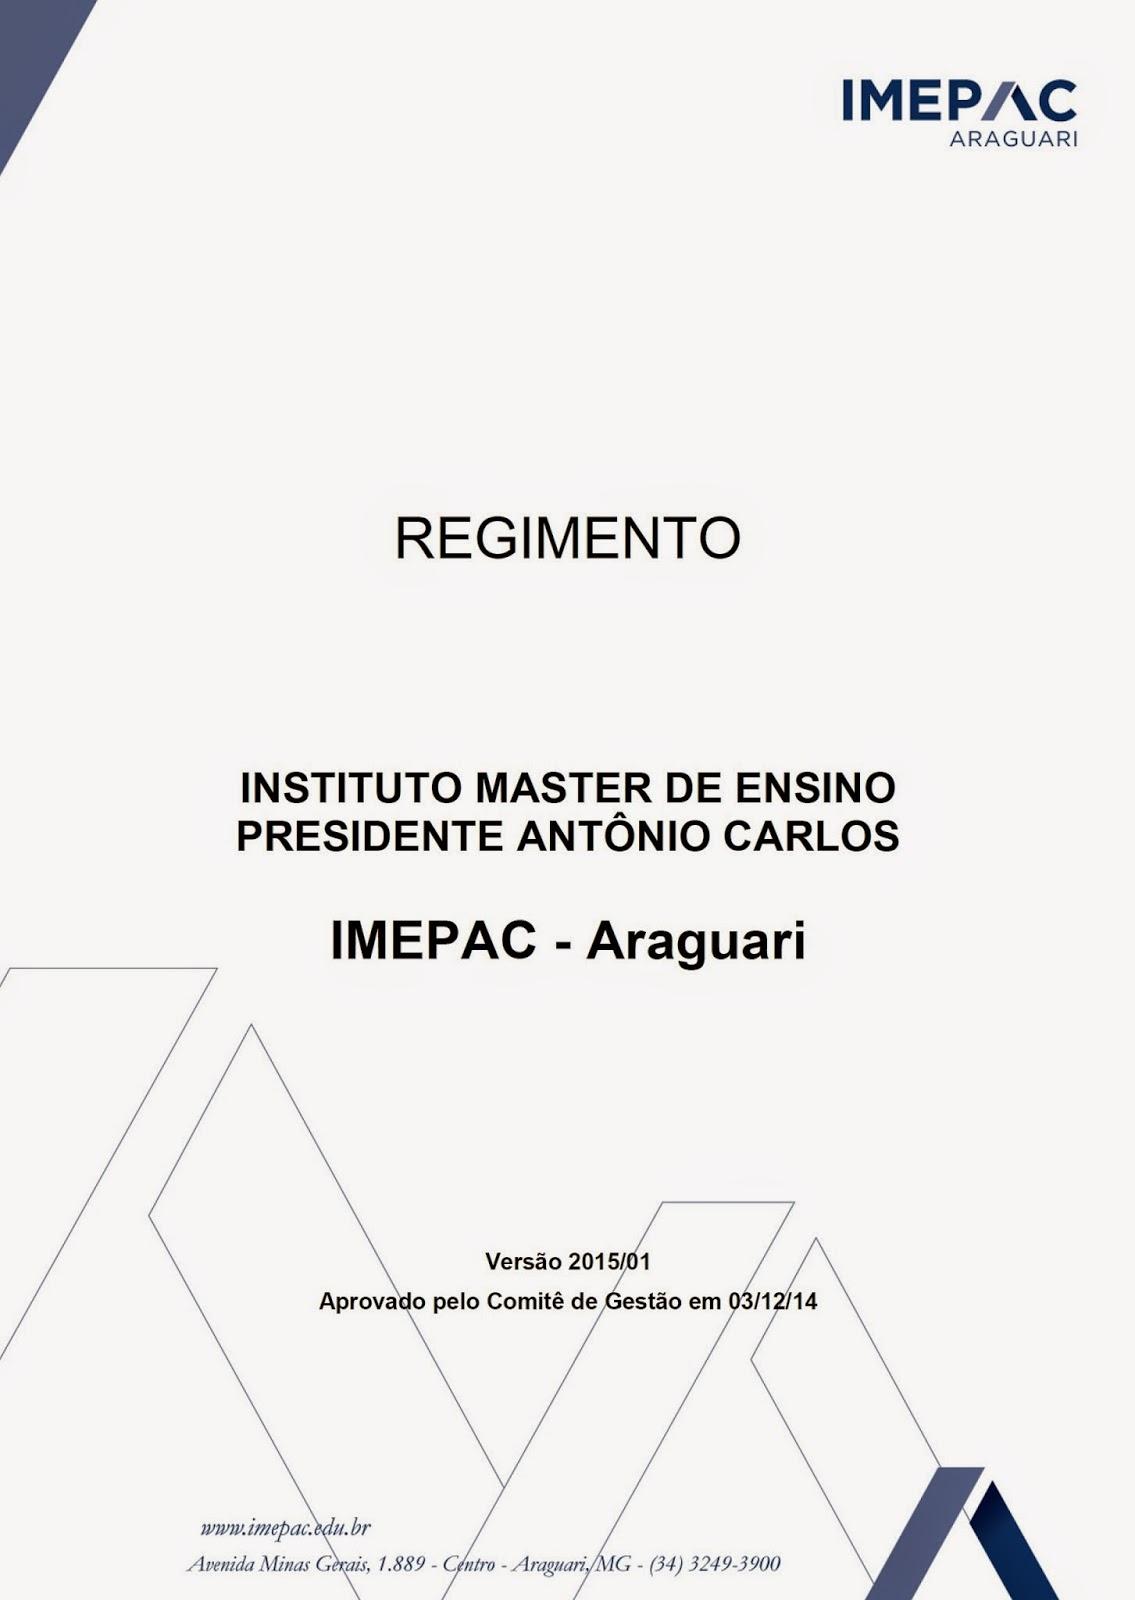 Regimento da IMEPAC Araguari